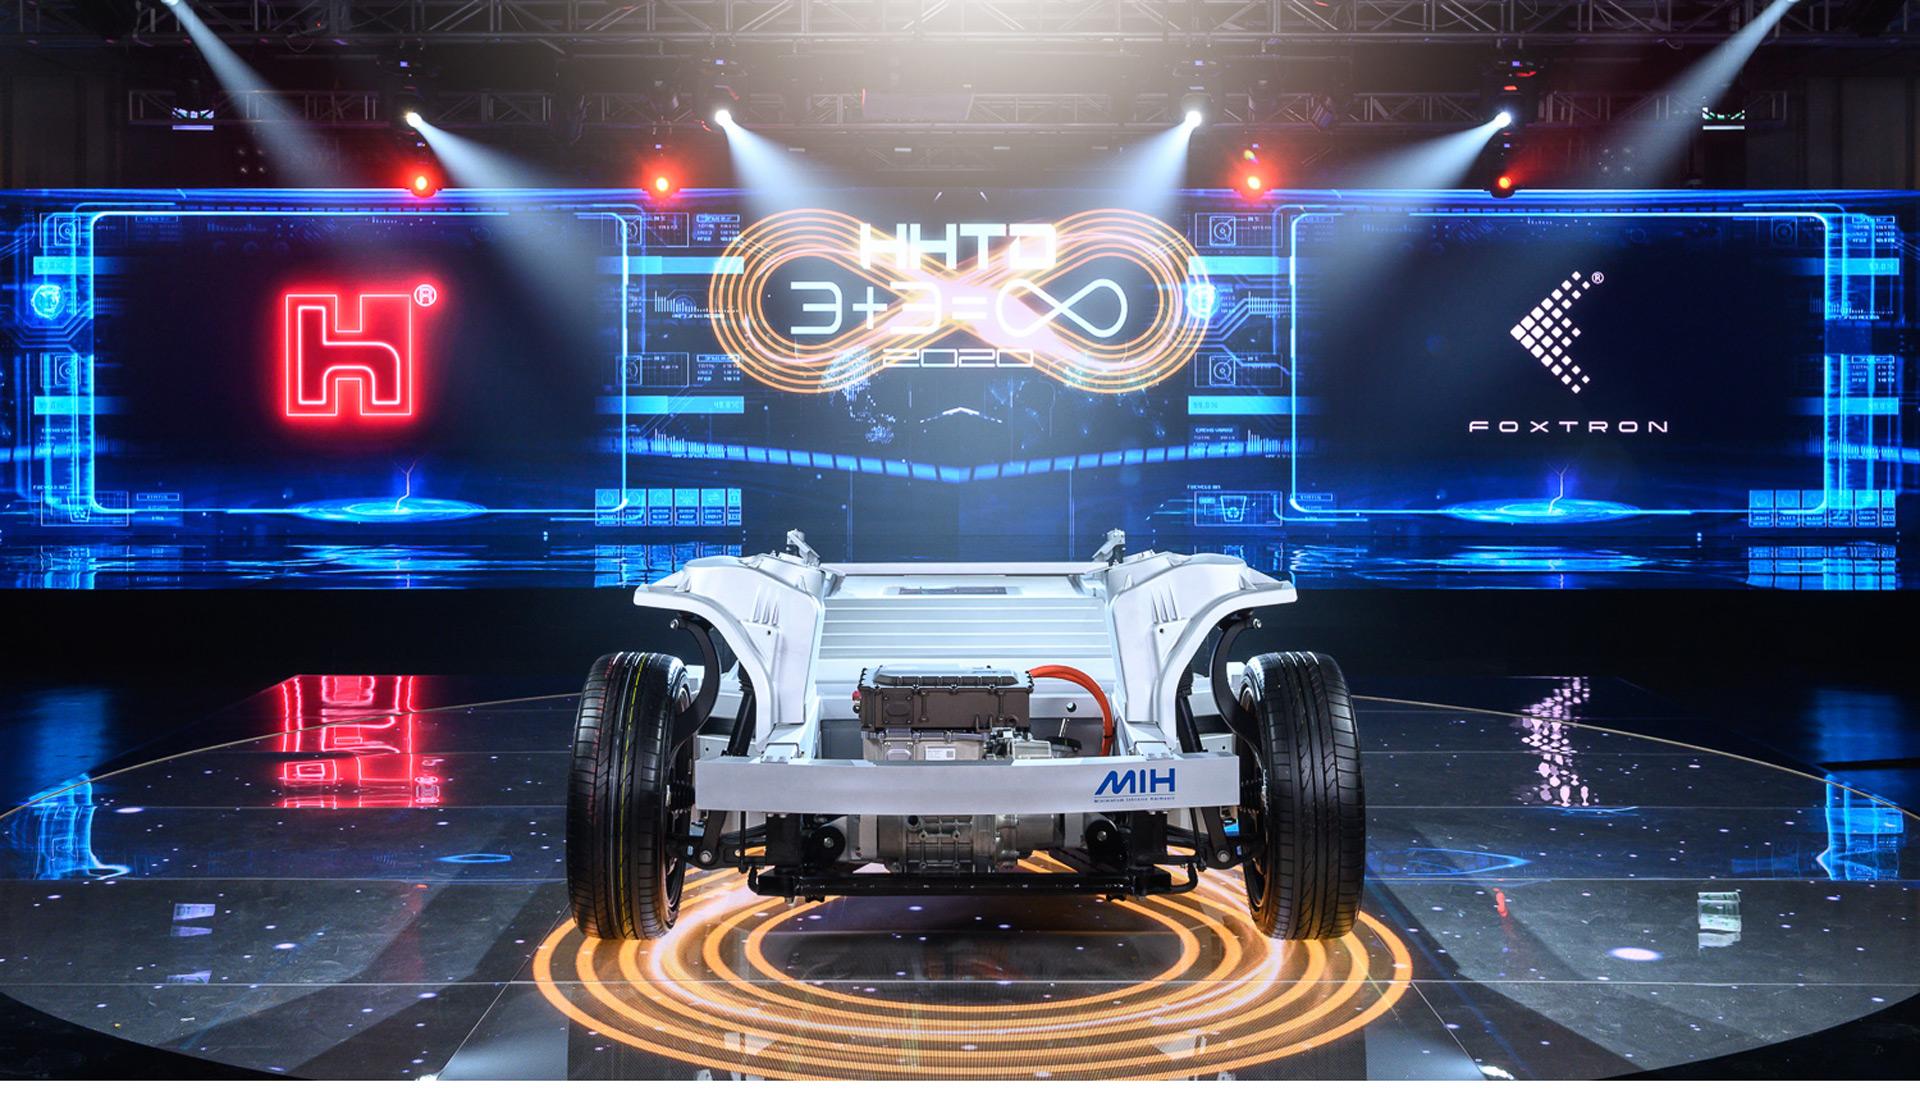 富士康正式发布纯电动汽车品牌Foxtron,三款新车Model C、Model E、Model T亮相